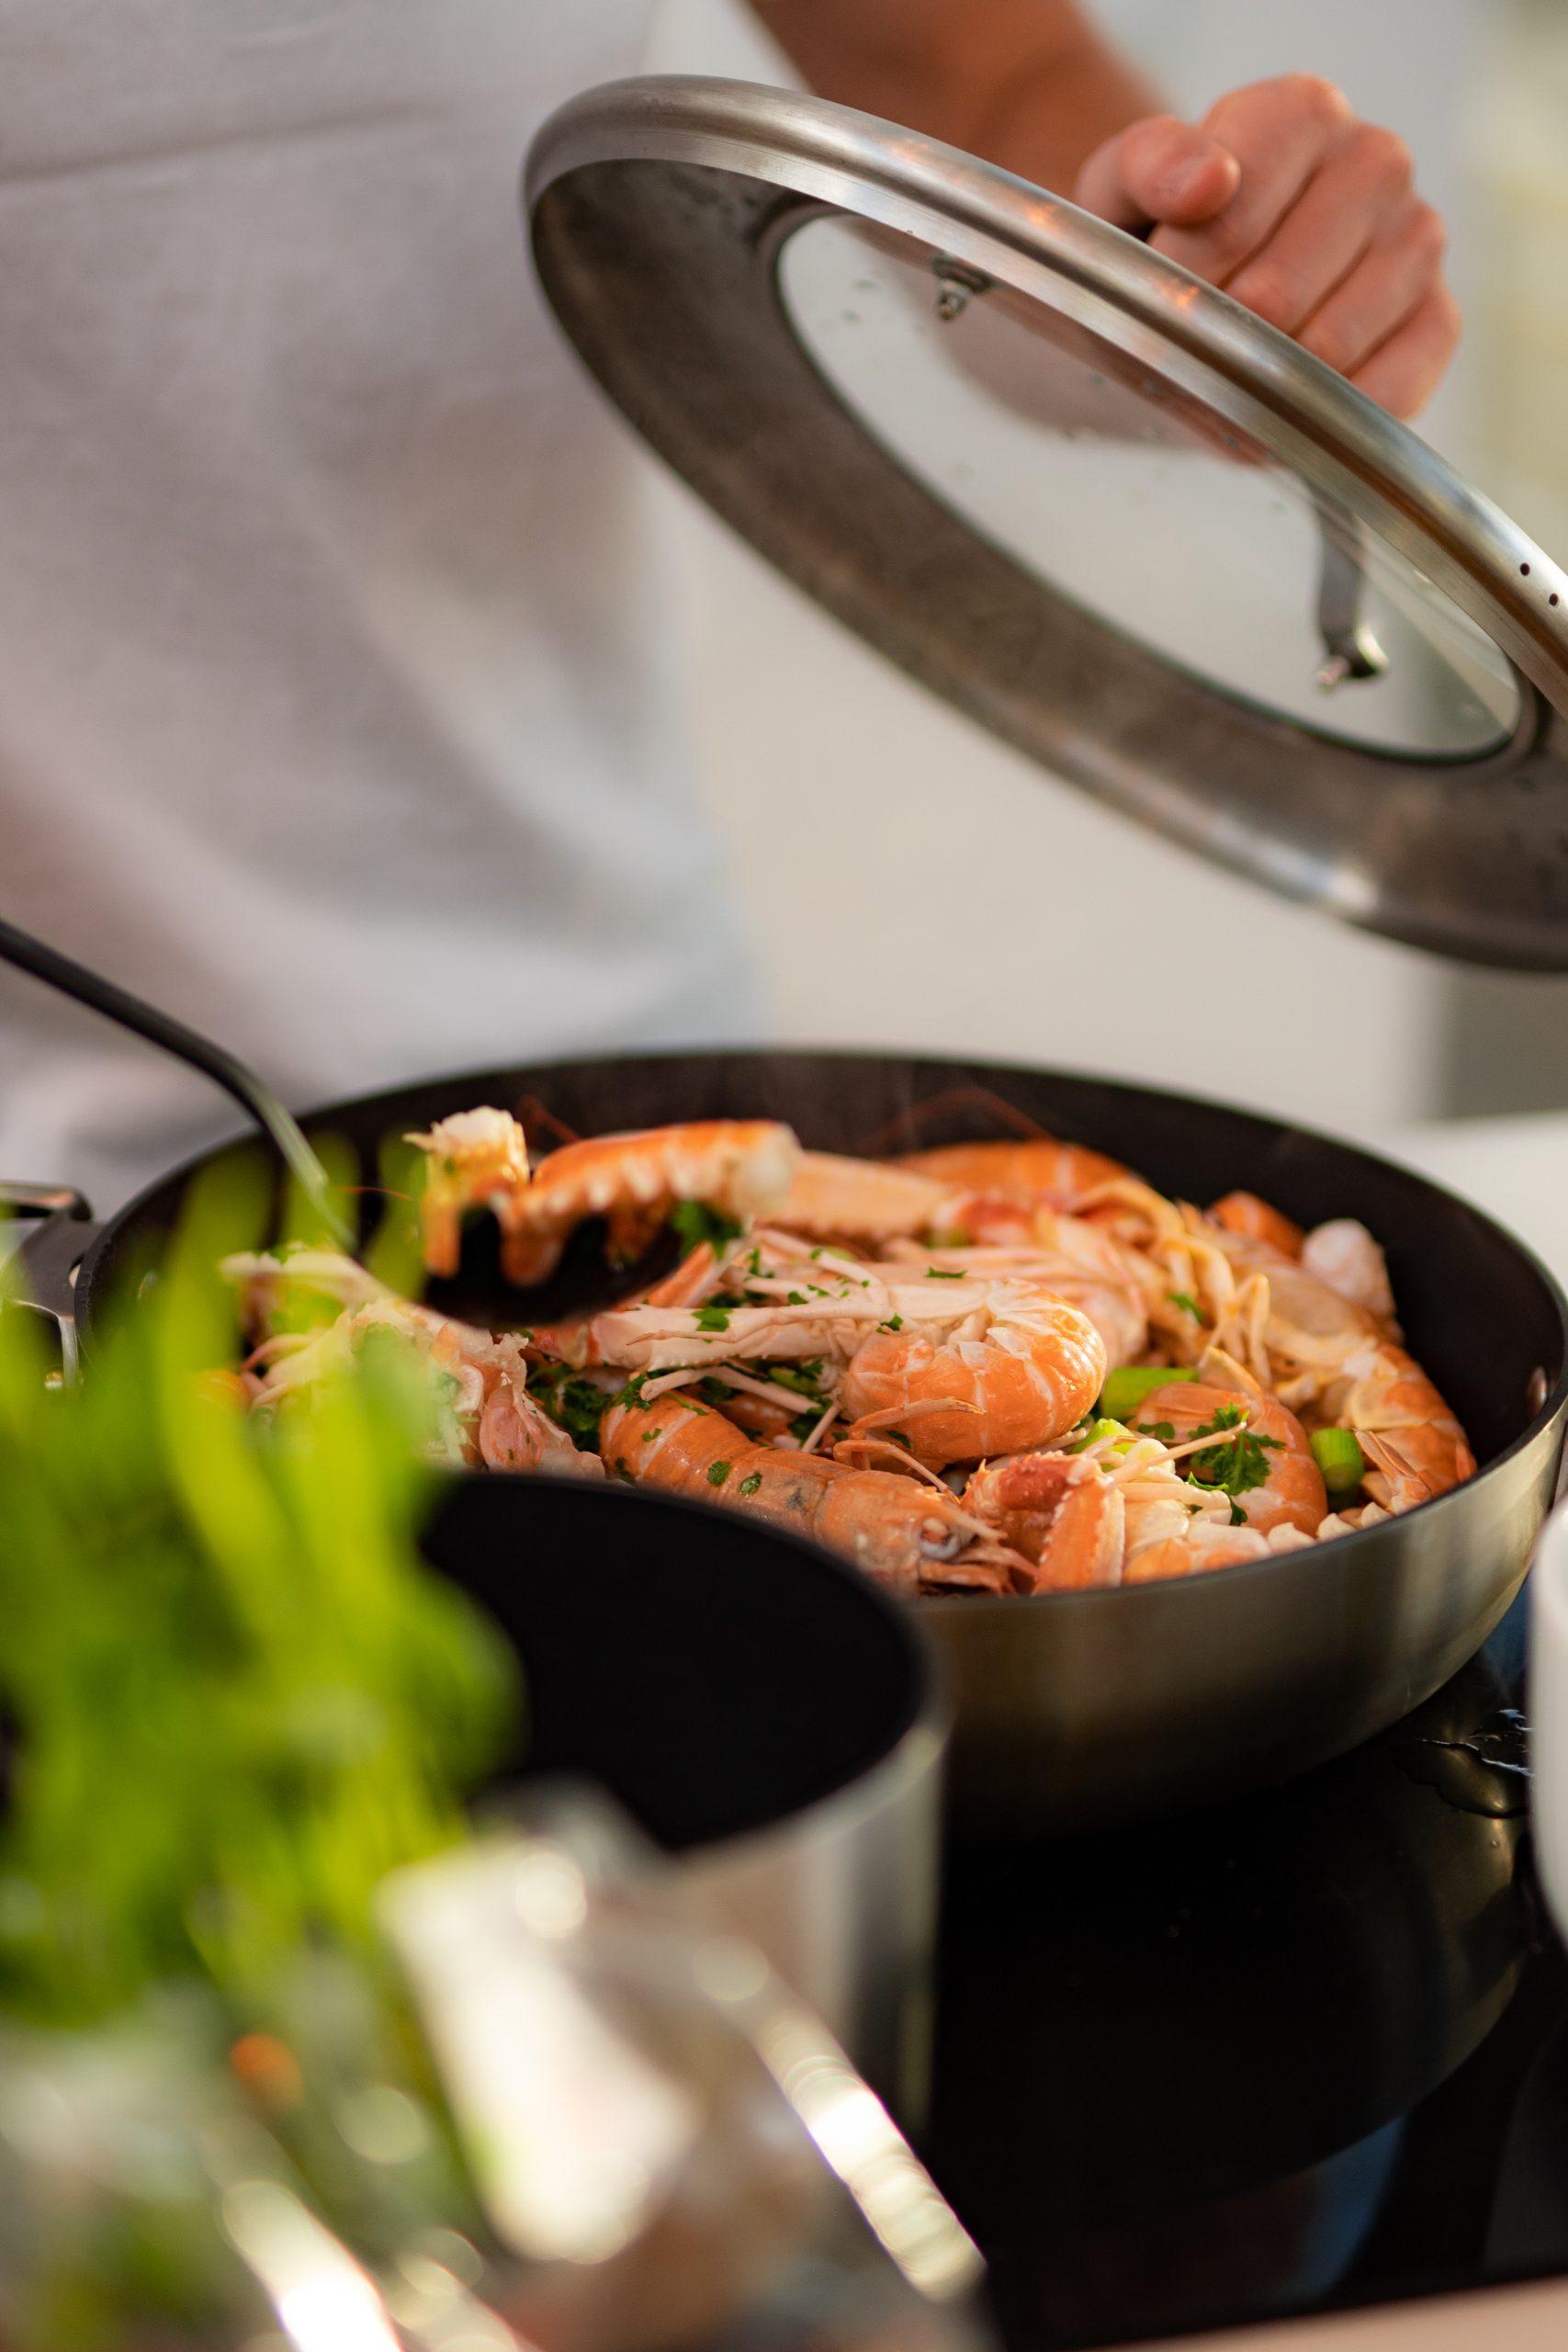 Friskfanget fisk leveret samme dag: Kystfisken har fået en flyvende start i Nordjylland